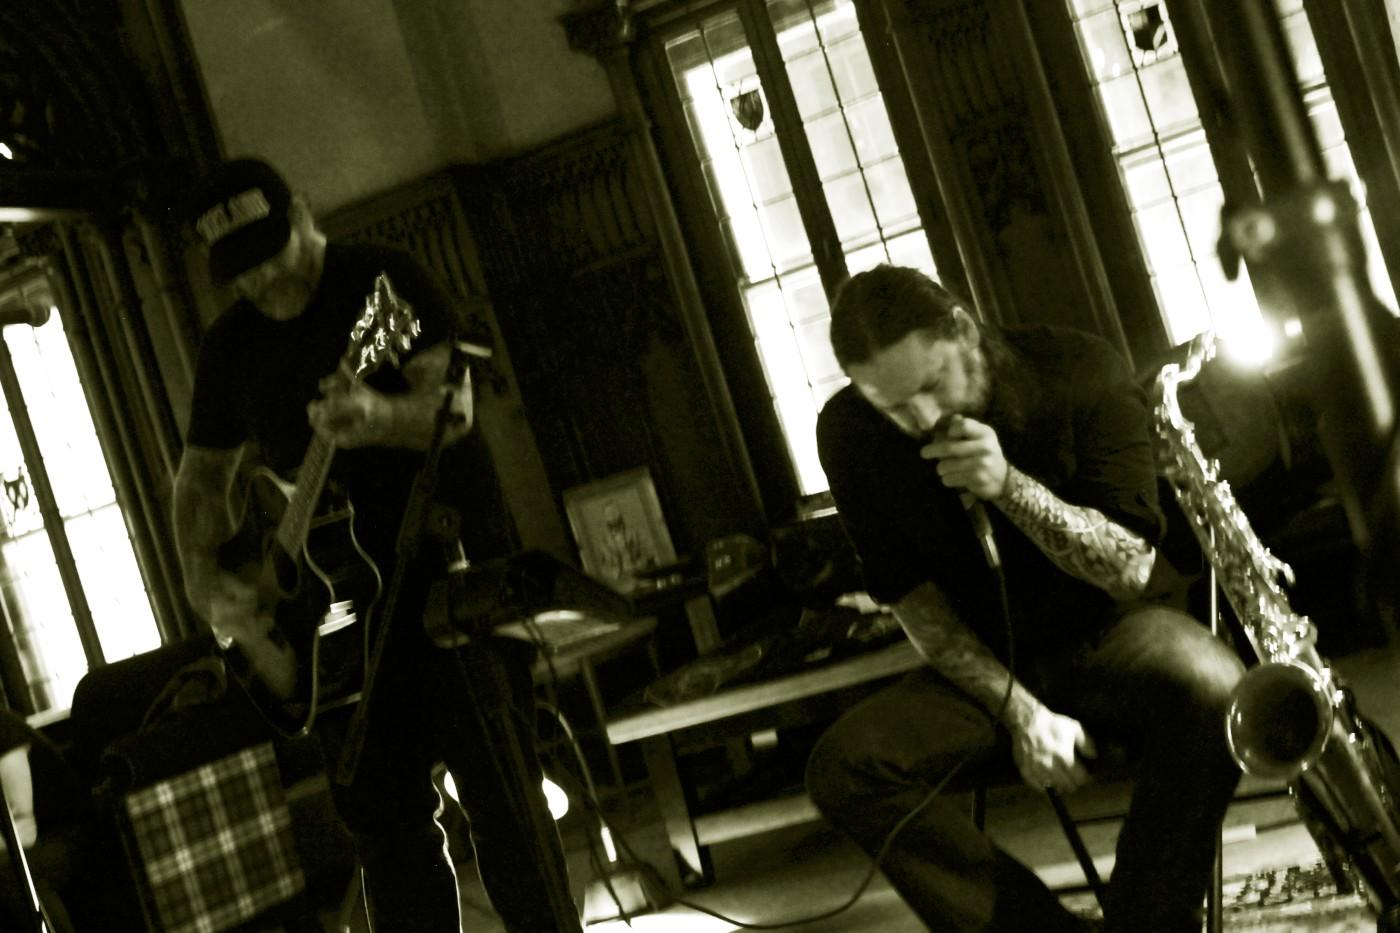 scott kelly and bruce lamont 1 (Photo by JJ Koczan)